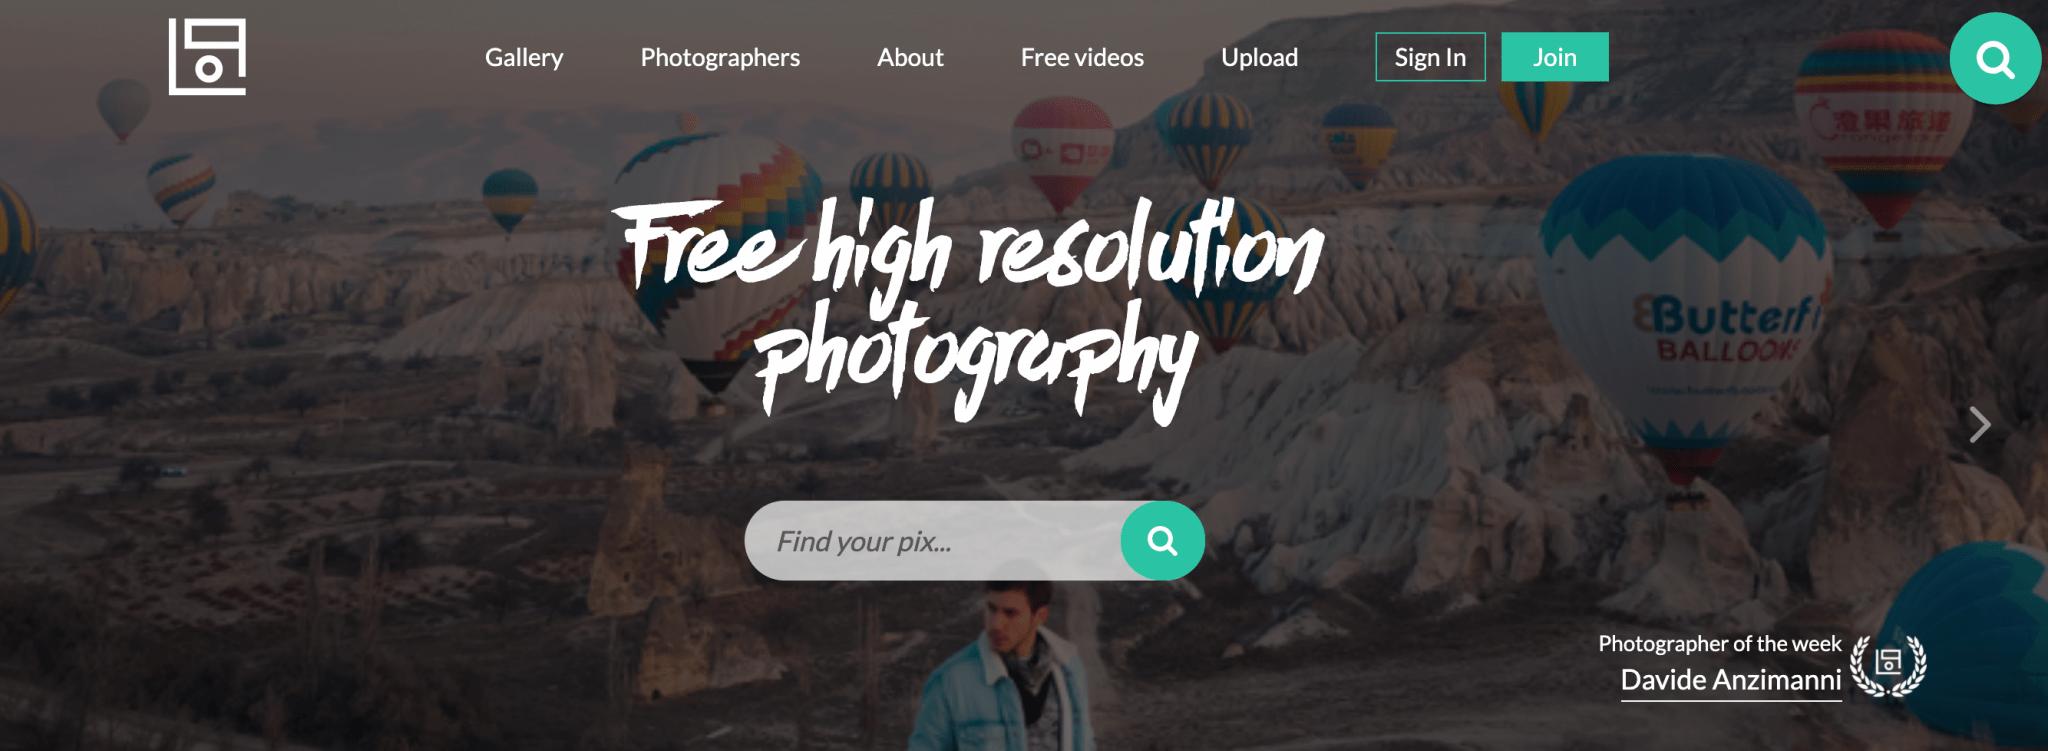 Captura de la web de imágenes gratis Life of Pix